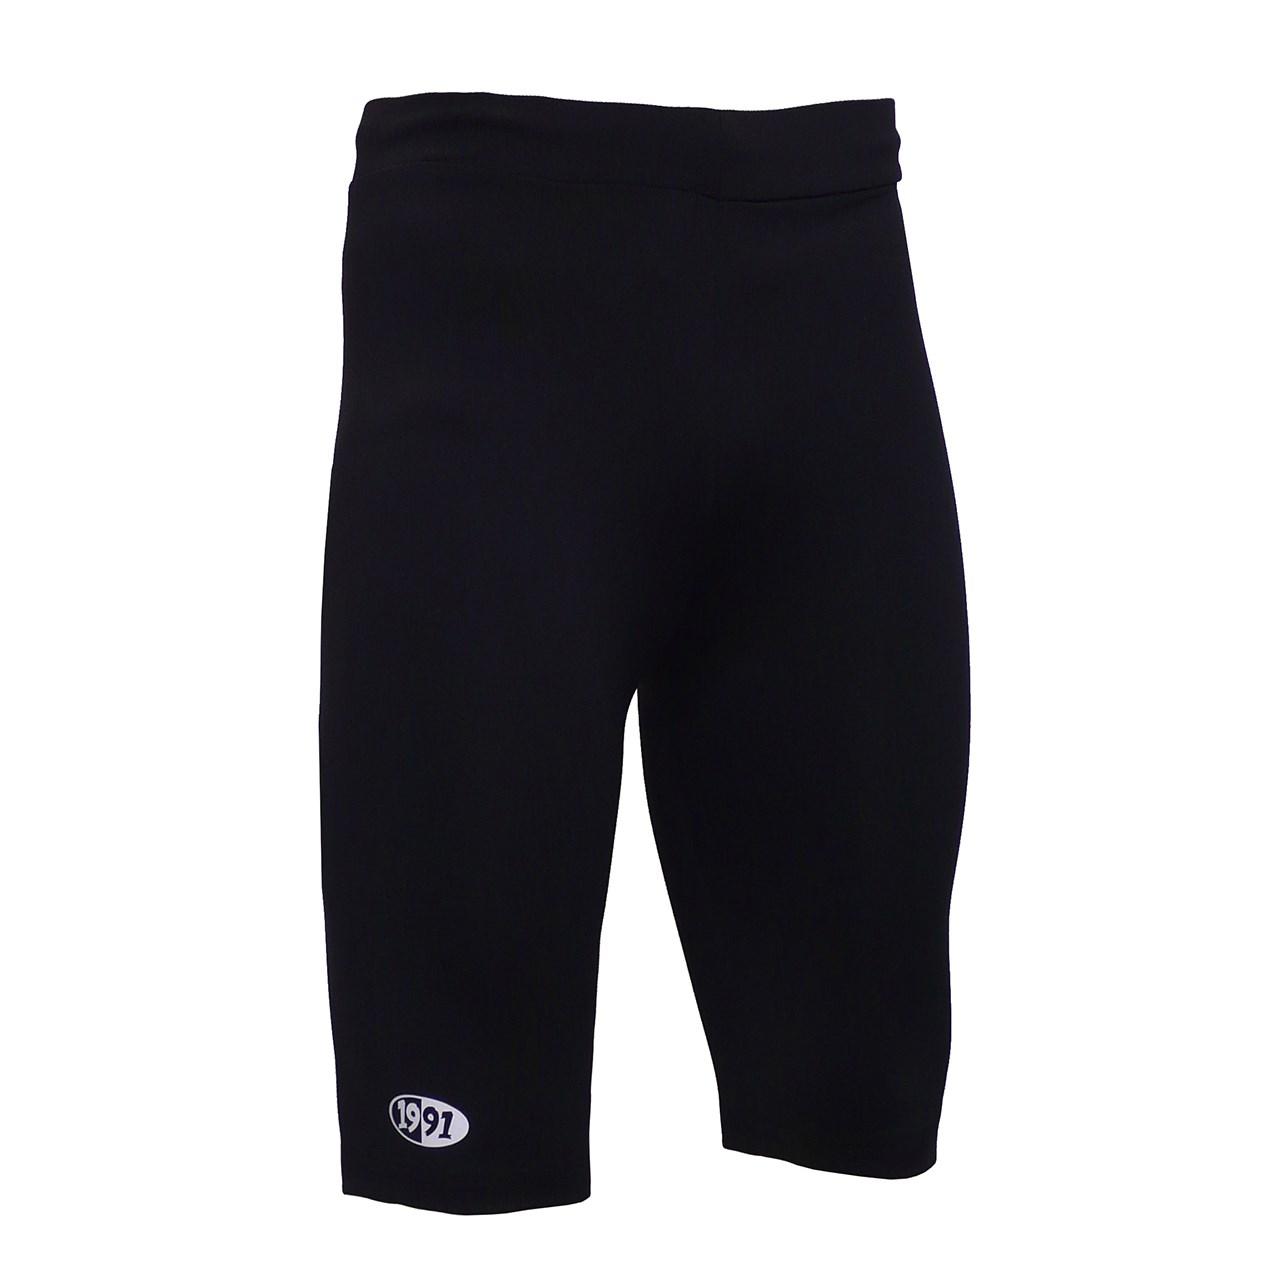 لباس زیر ورزشی مردانه